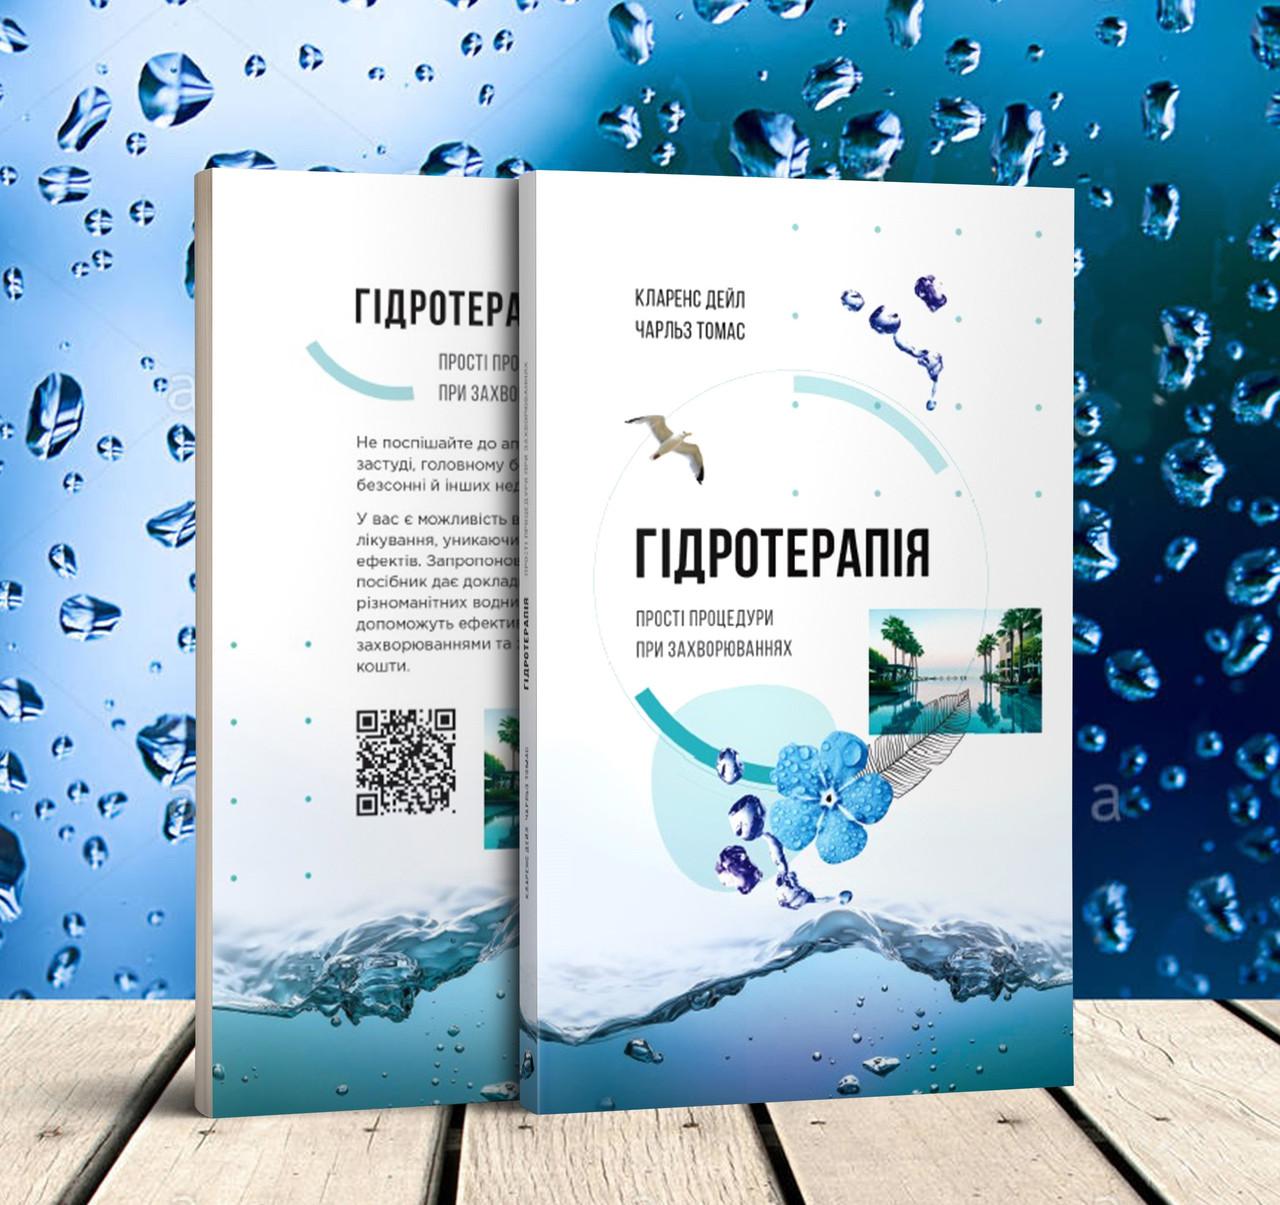 Гідротерапія – Кларенс Дейл, Чарльз Томас